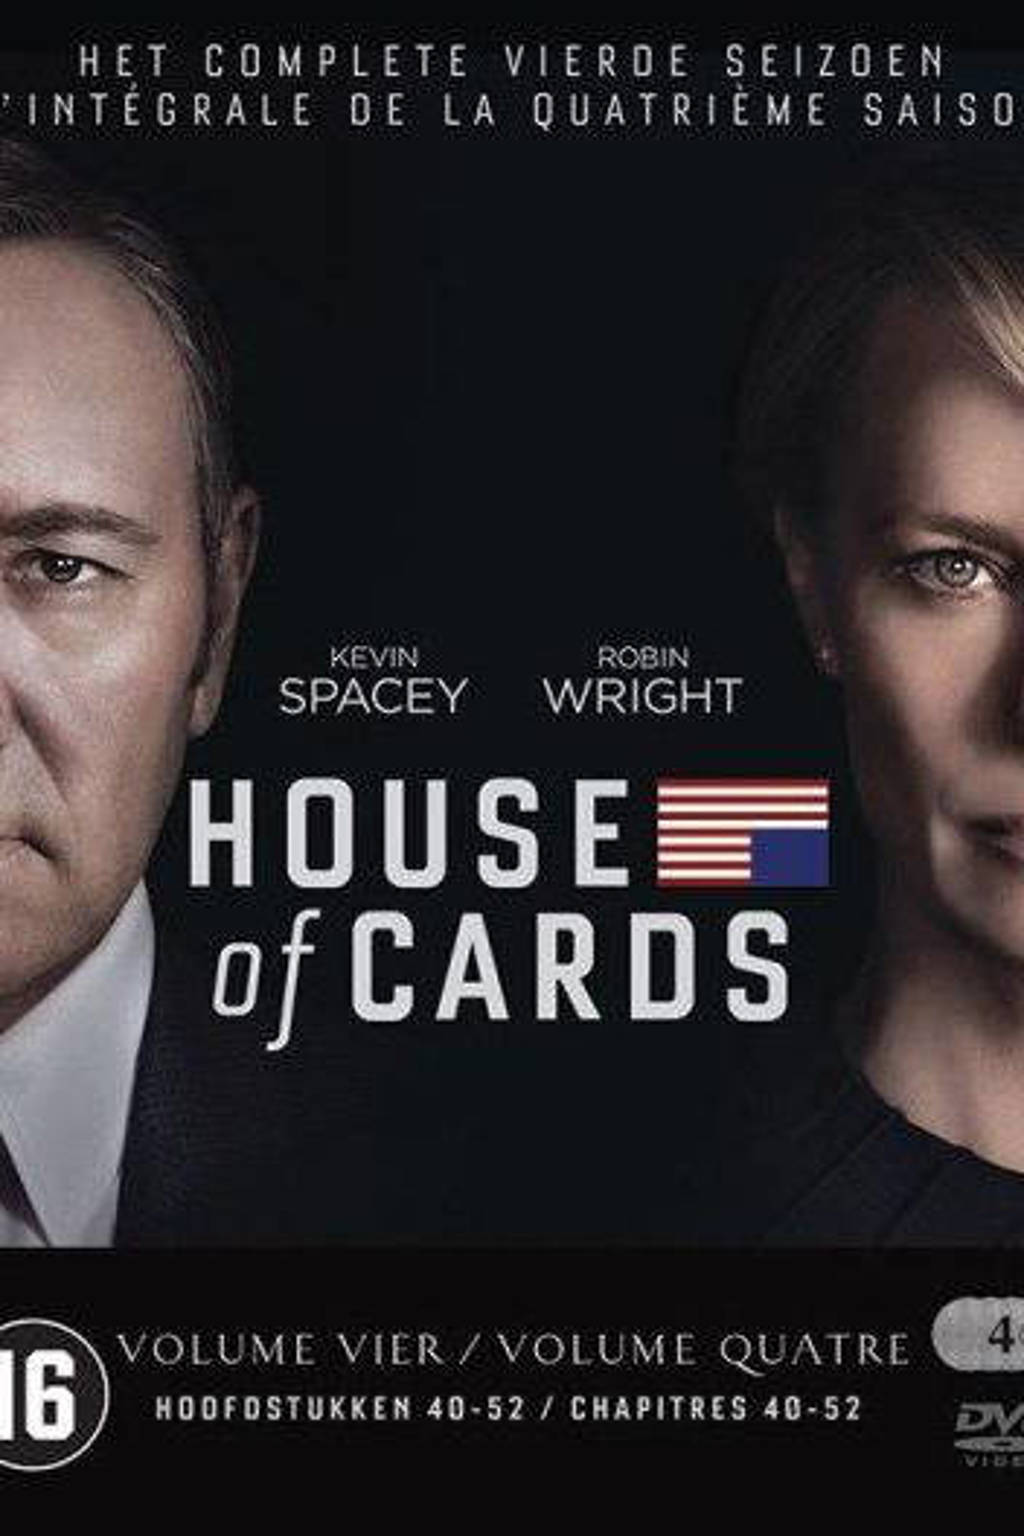 House of cards - Seizoen 4 (DVD)